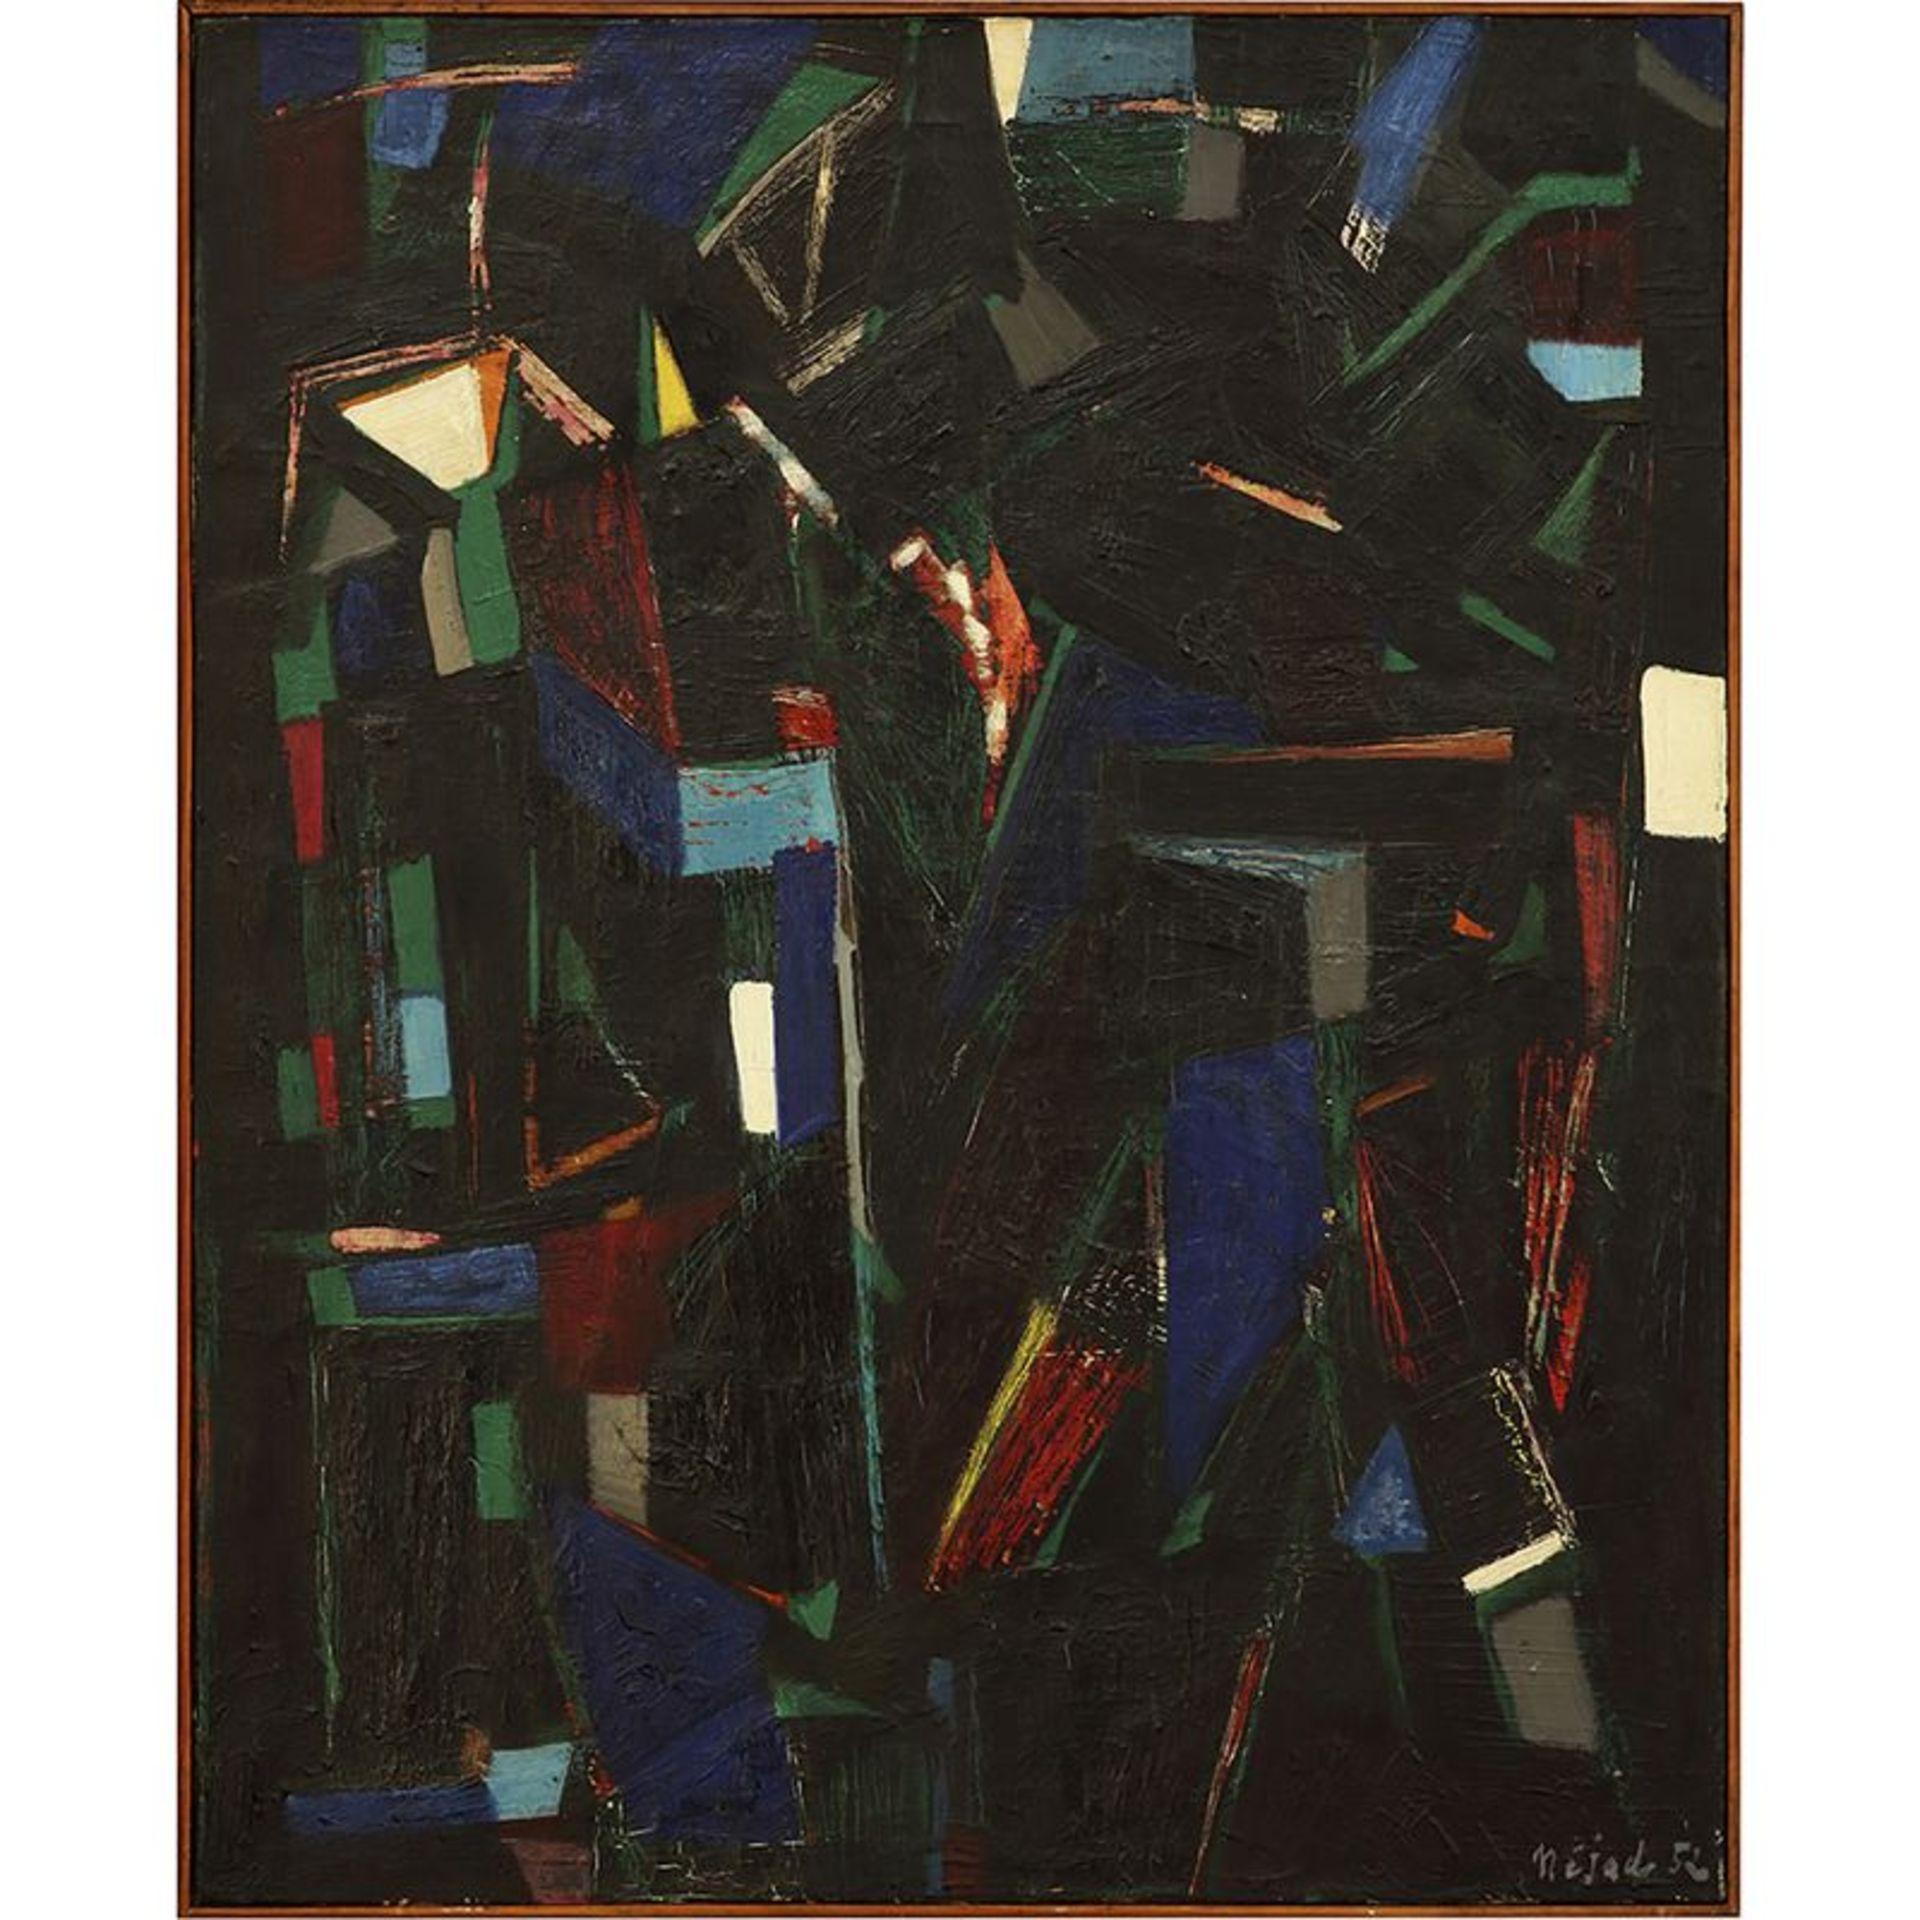 NEJAD (Nejad Melih Devrim, dit) (1923-1995) - Noire ultime, 1952 - Huile sur toile [...]